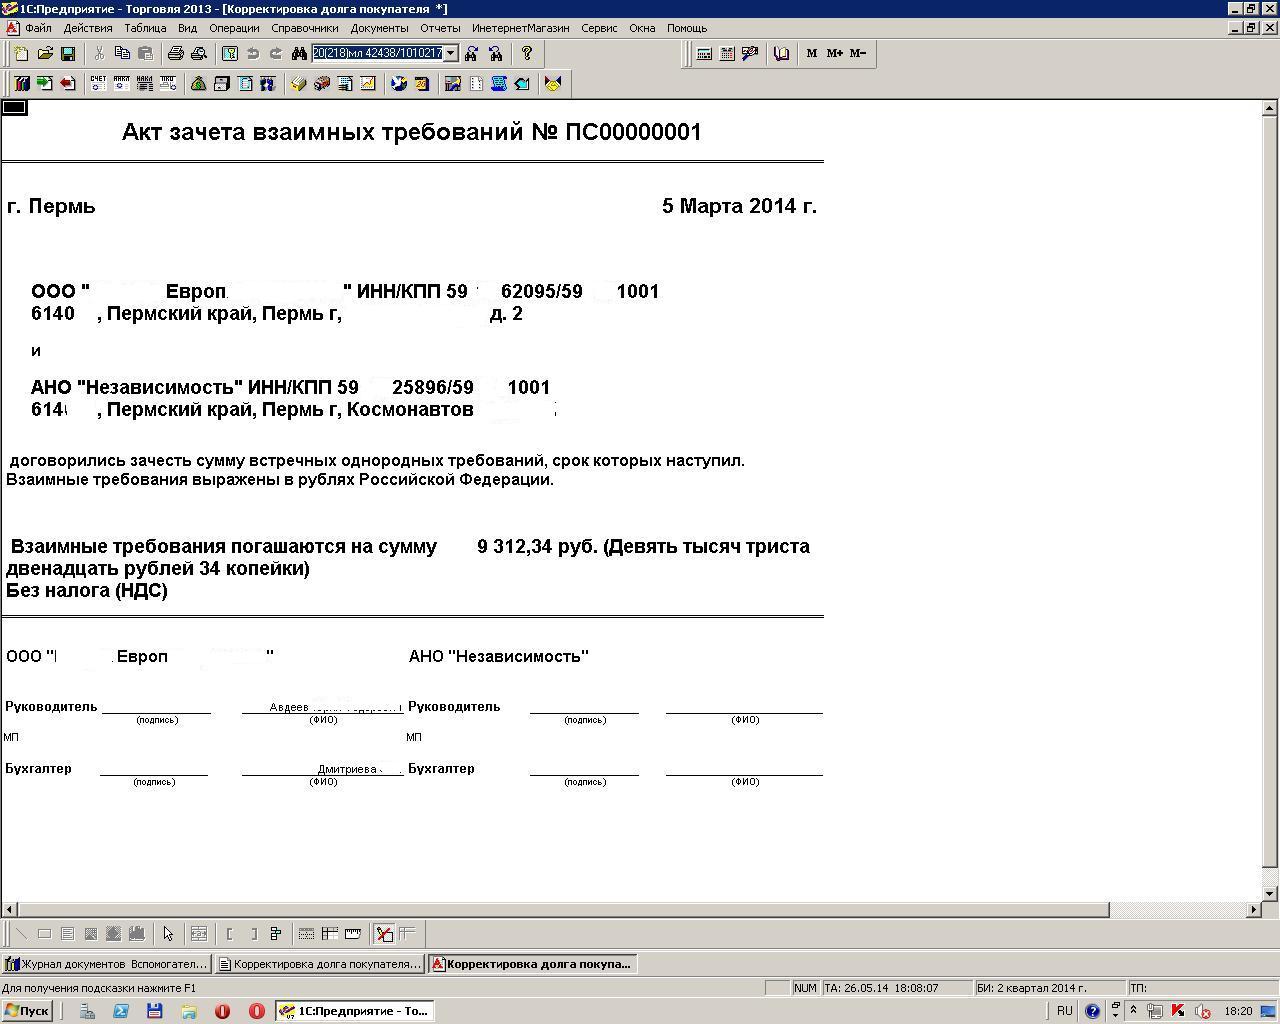 бланк корректировочного счета-фактуры 2014 excel